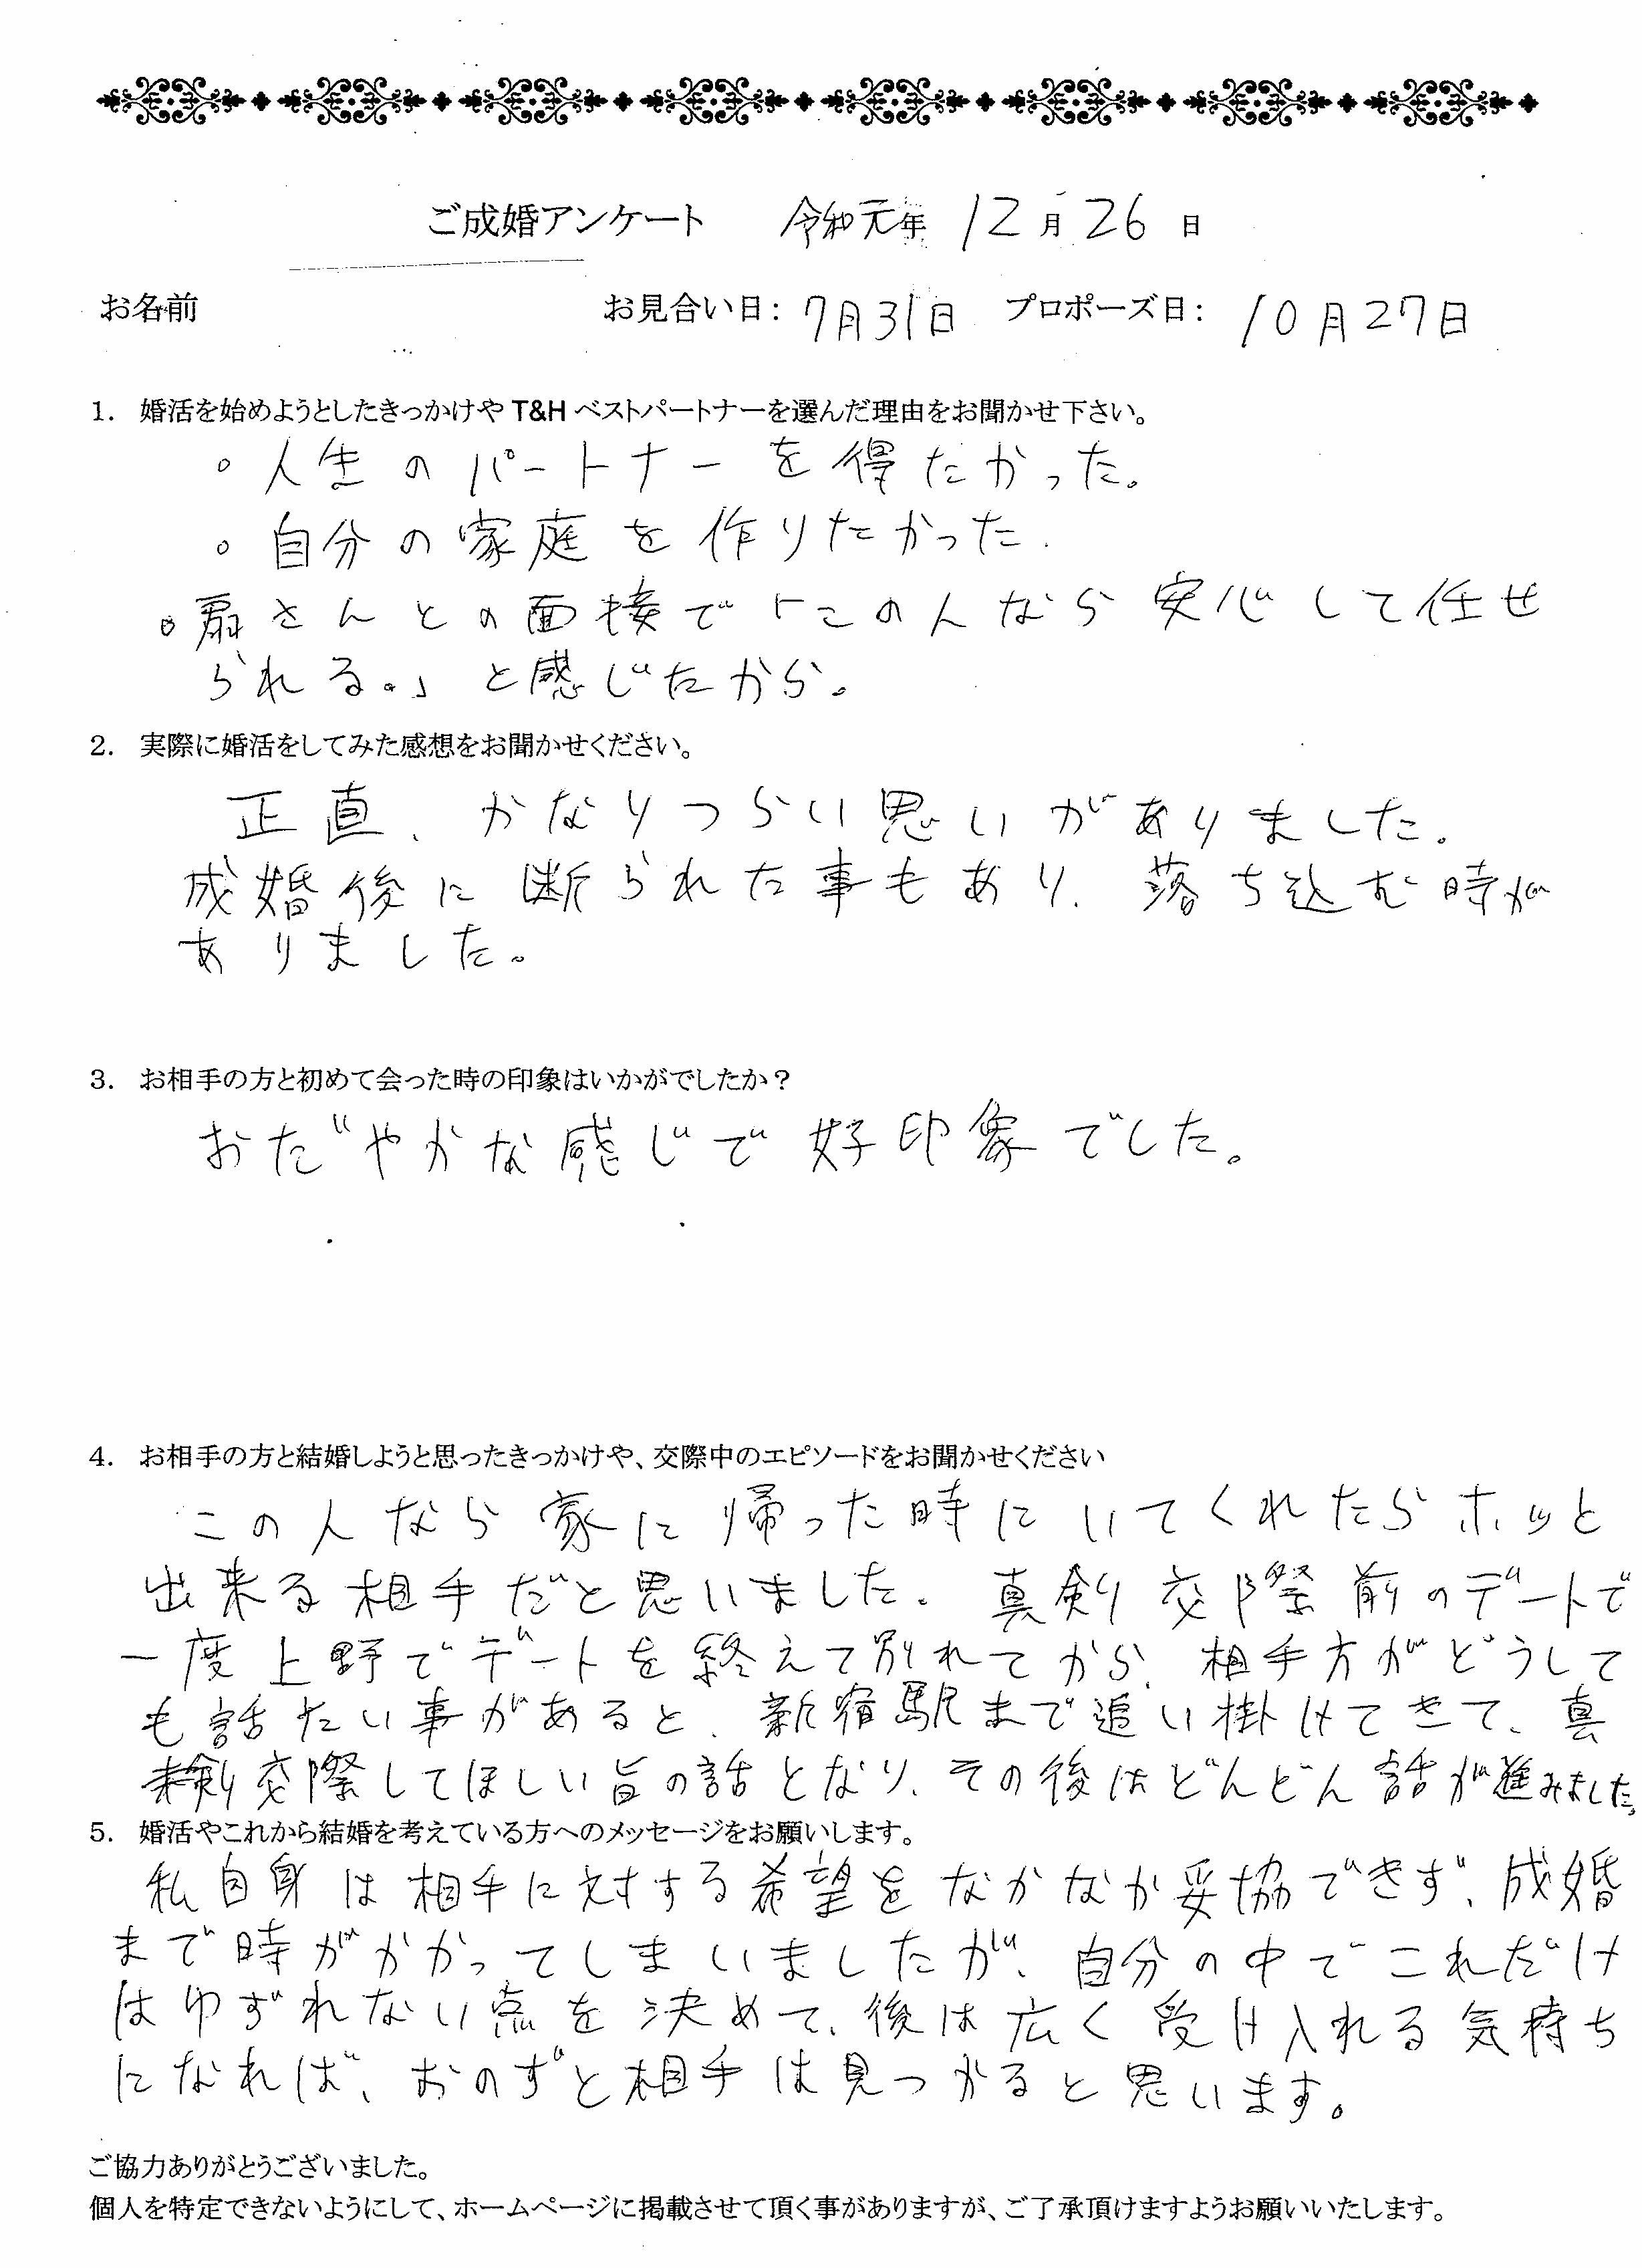 saitou_000008